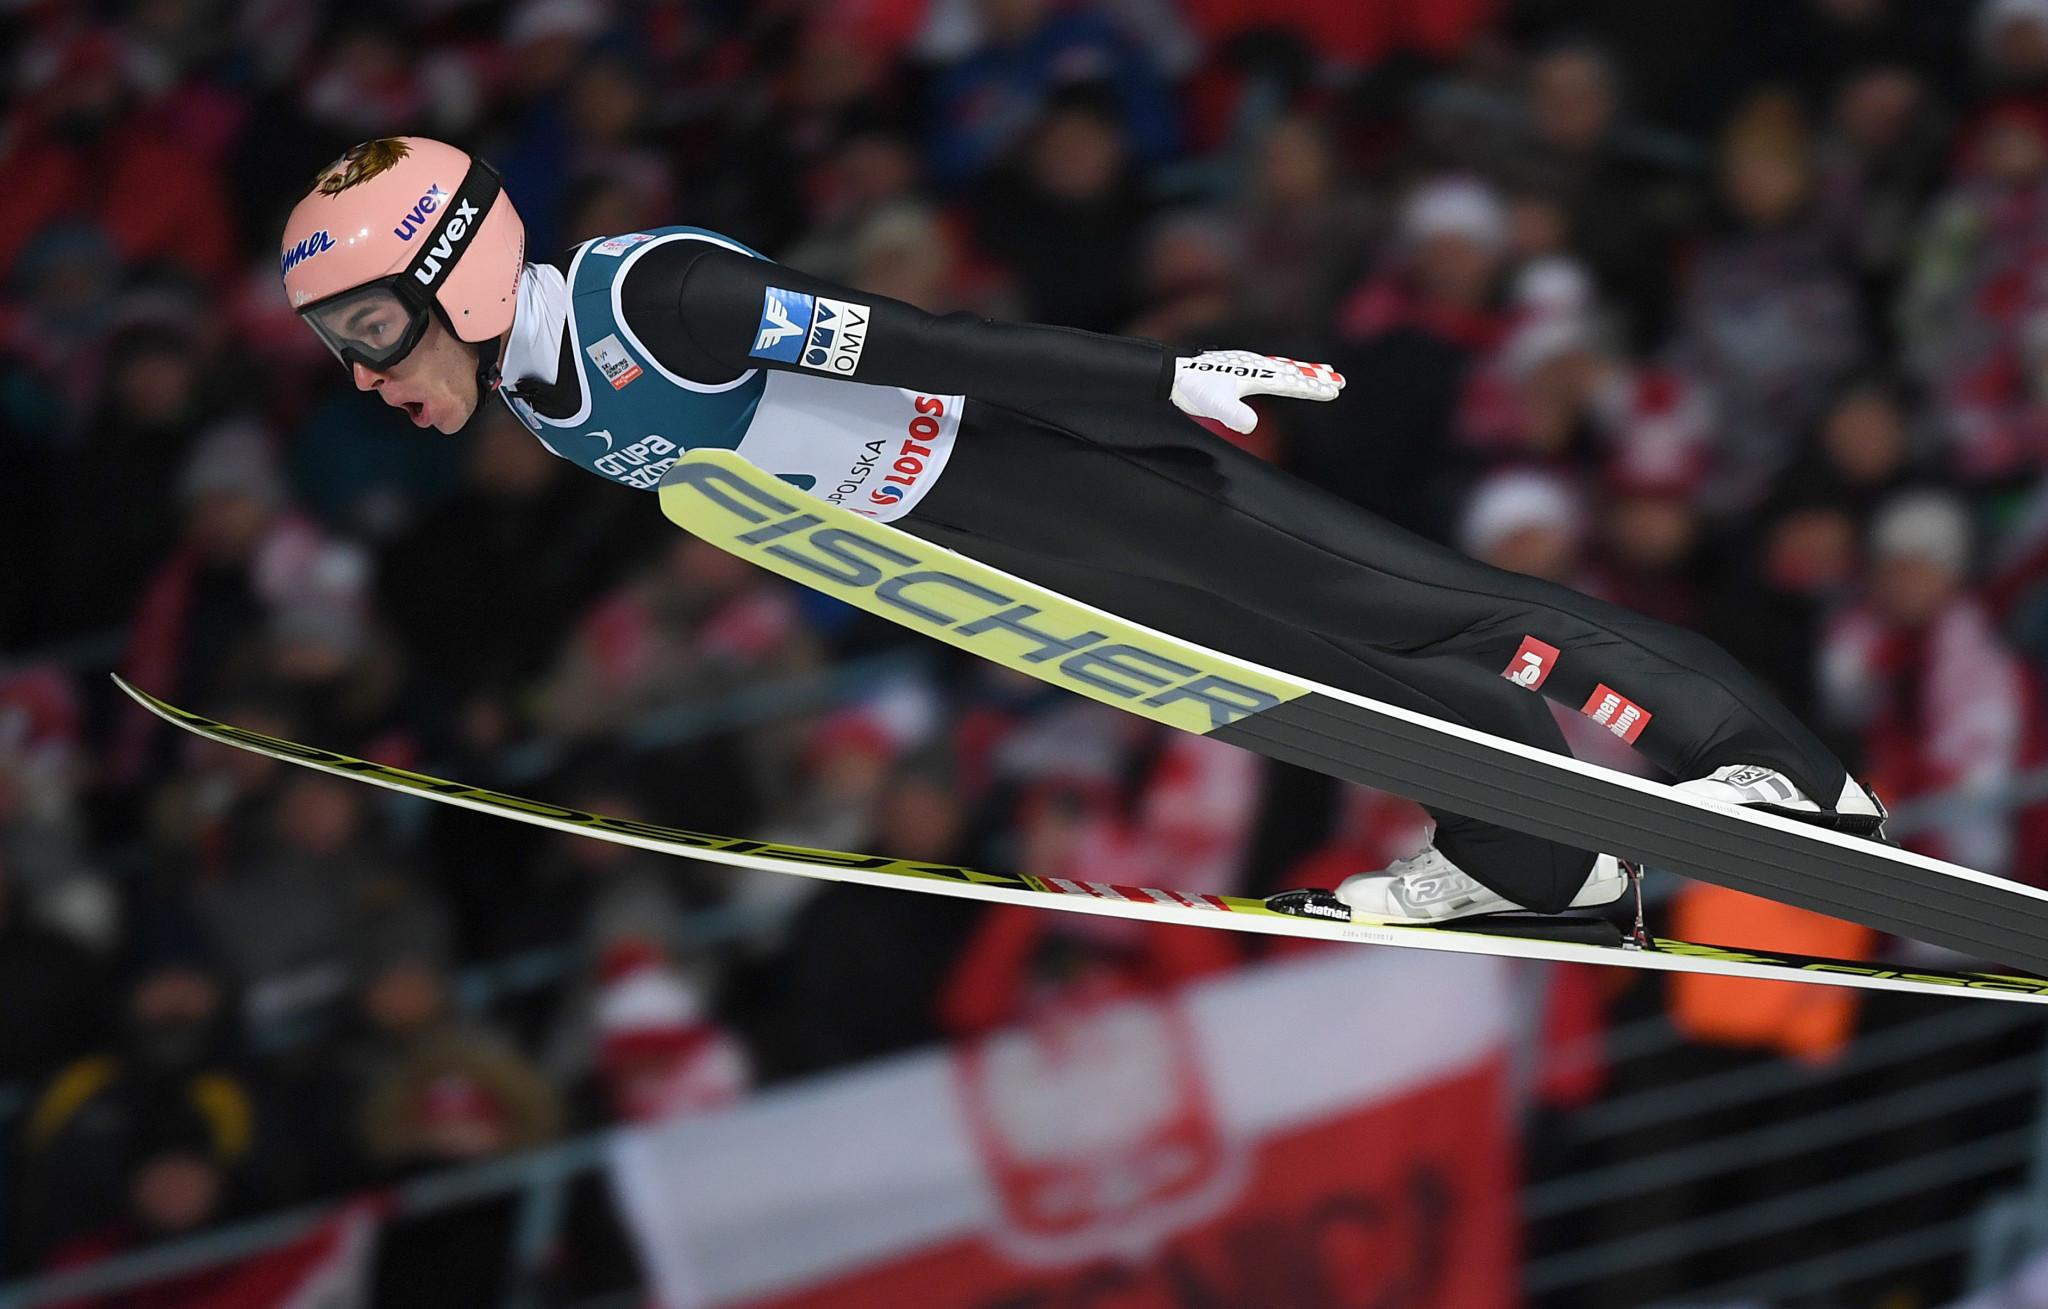 Austria's Stefan Kraft was triumphant in the men's event in Zakopane ©Getty Images